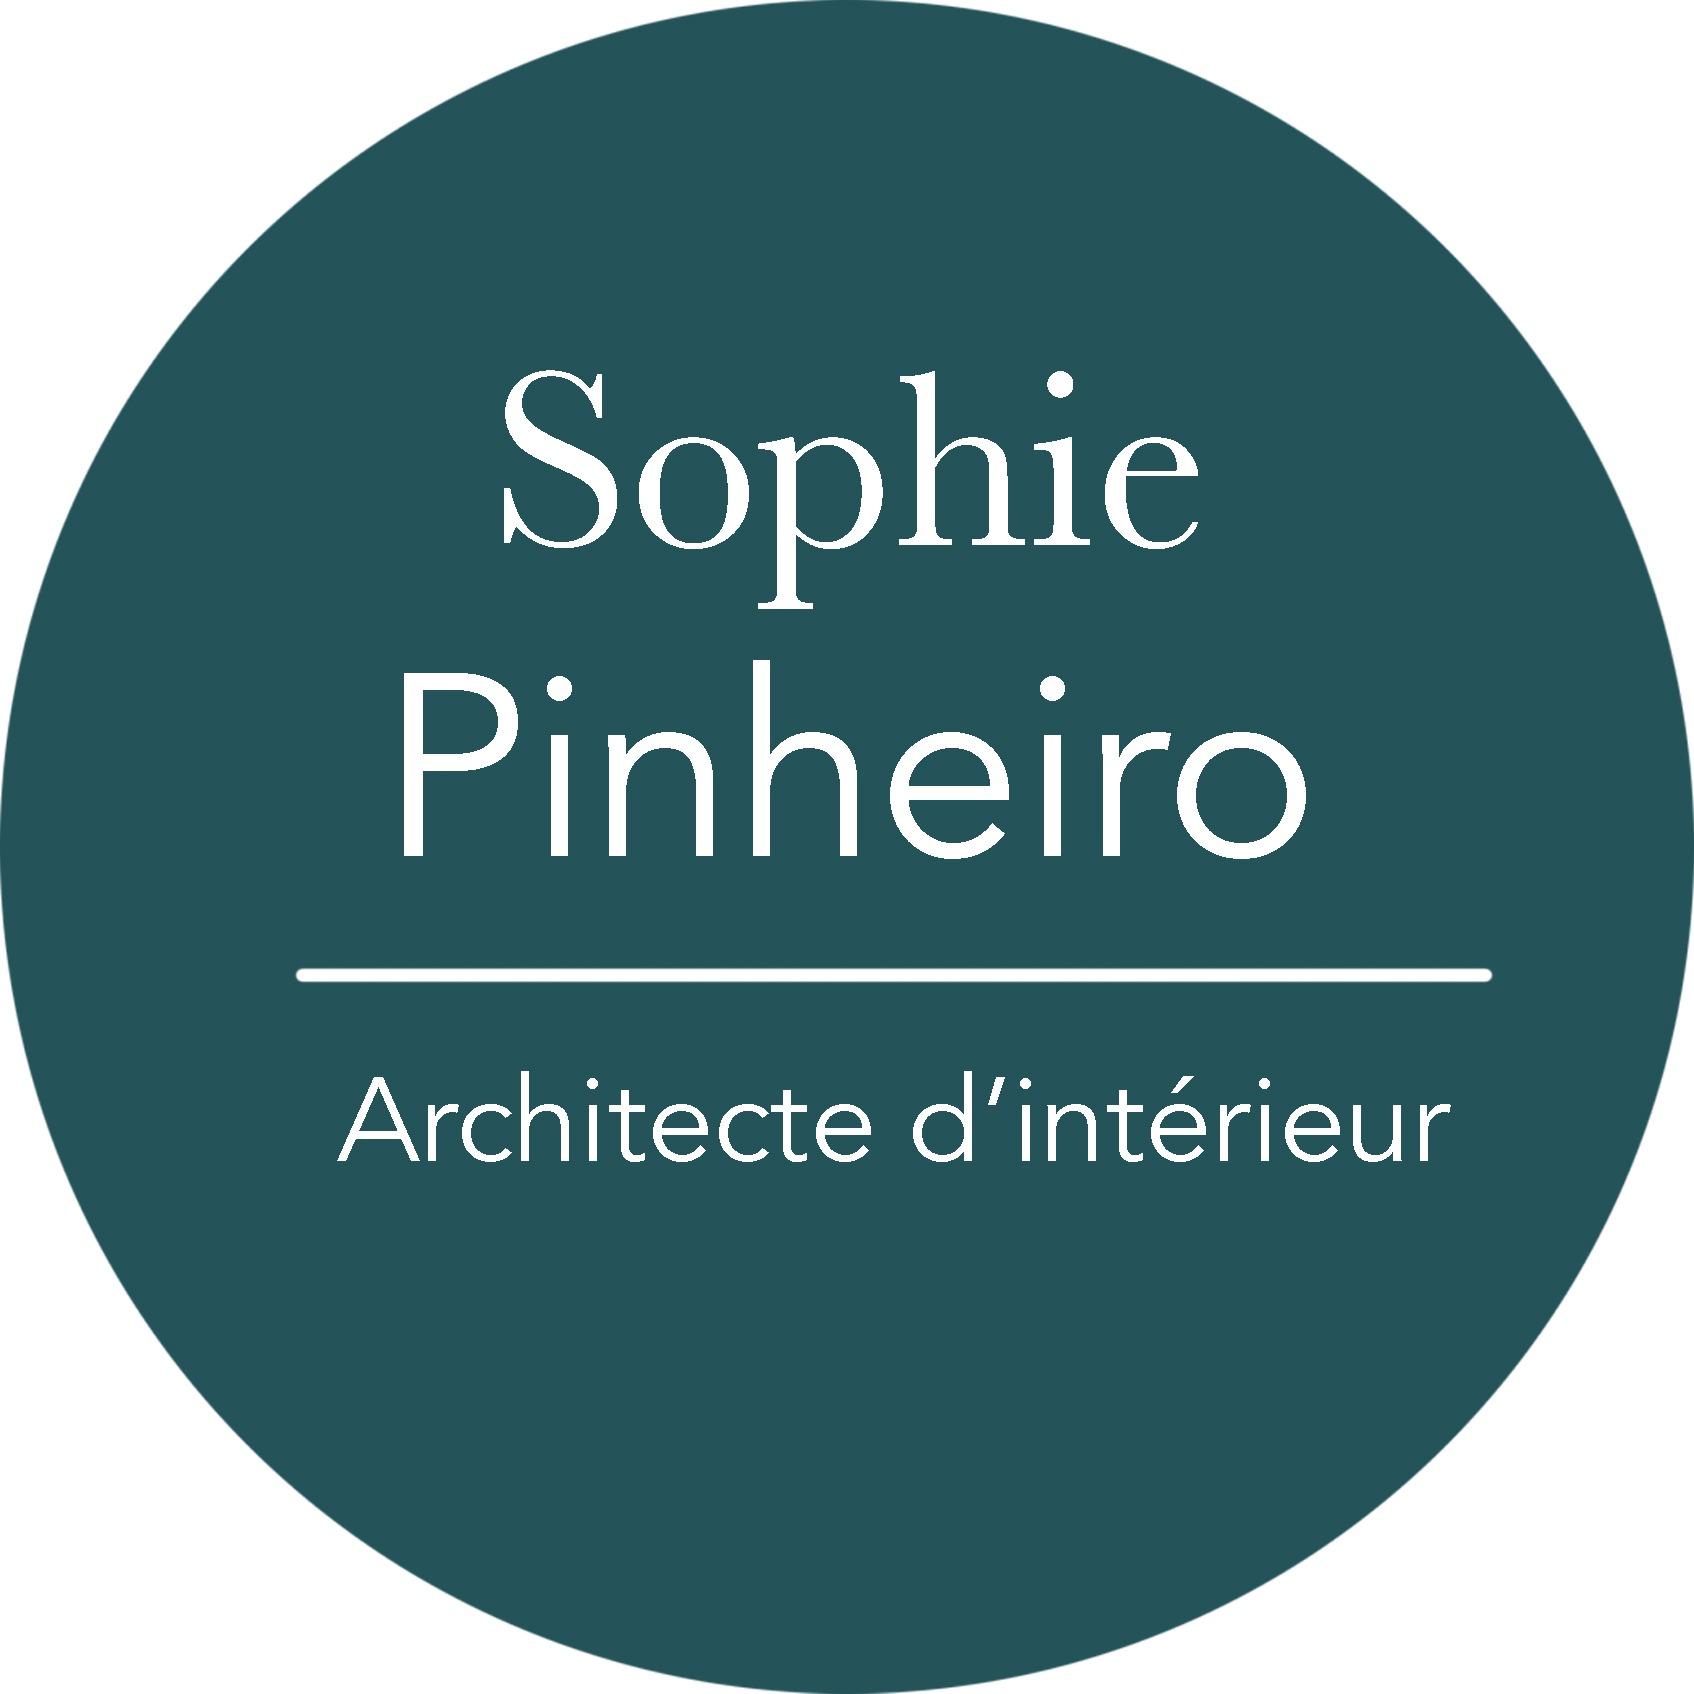 Sophie Pinheiro